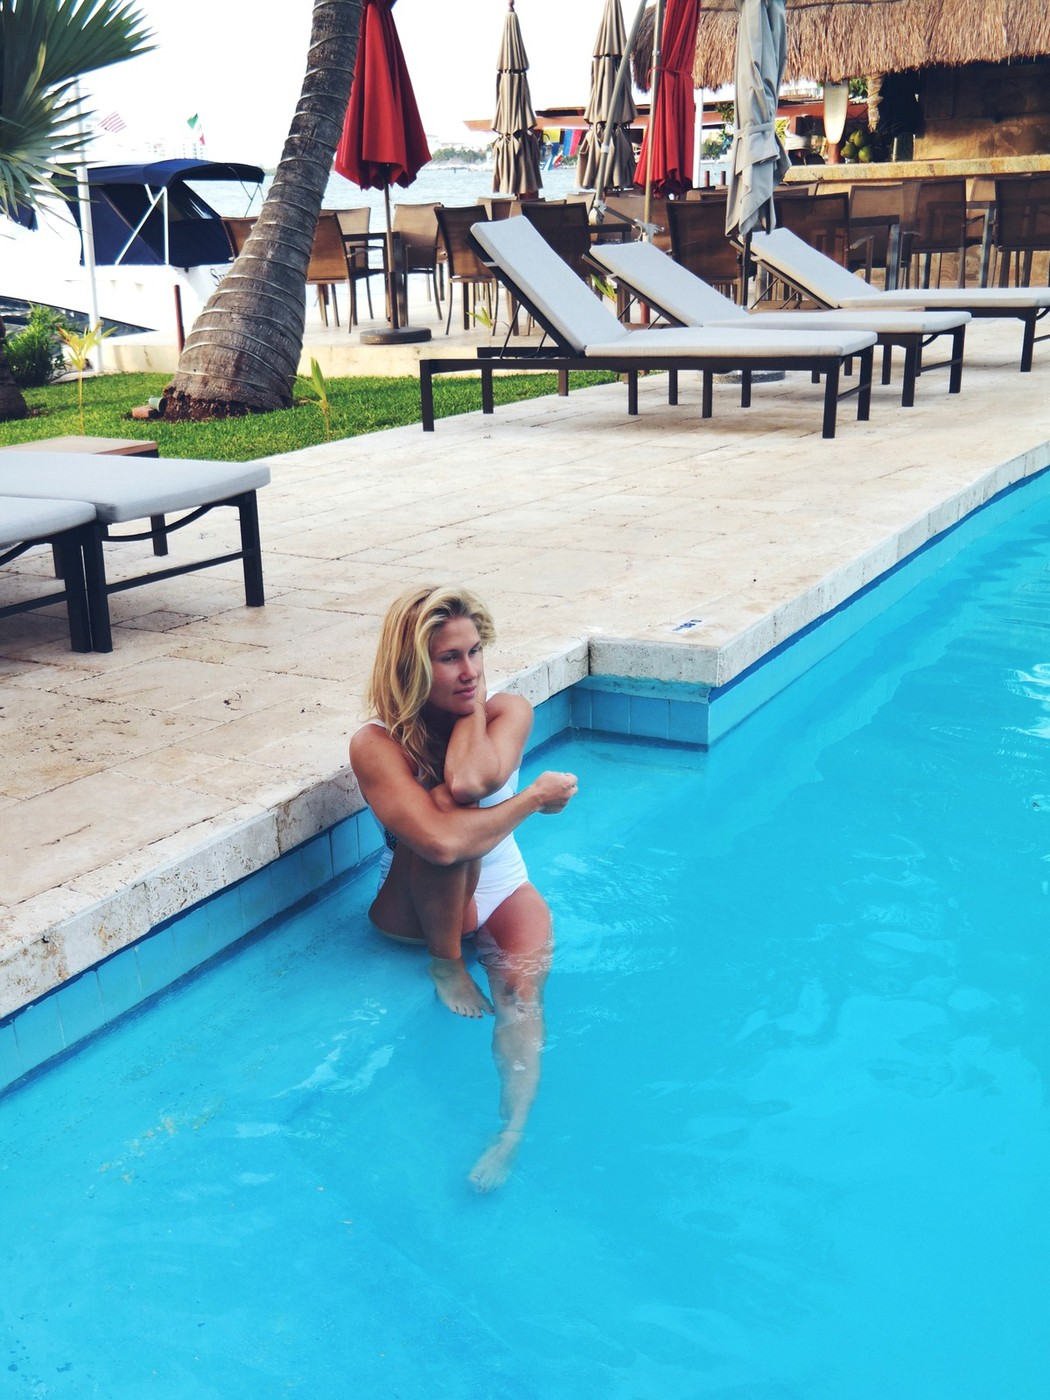 allaspäivä Cancunissa